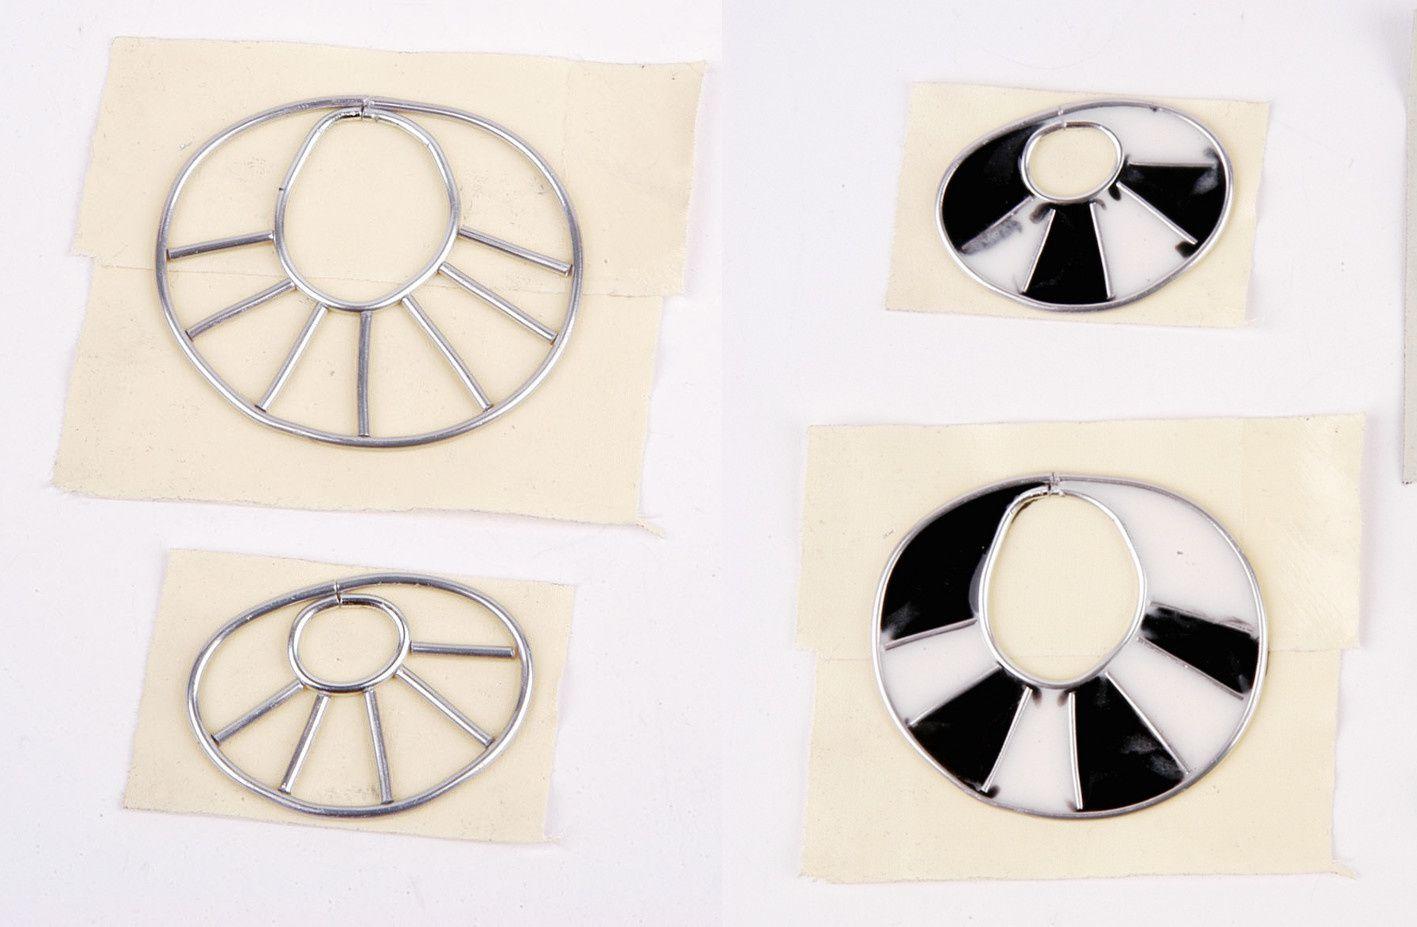 DIY Ohrringe aus Kunstharz und Aluminiumdraht_II_OHNE SILIKONFORM